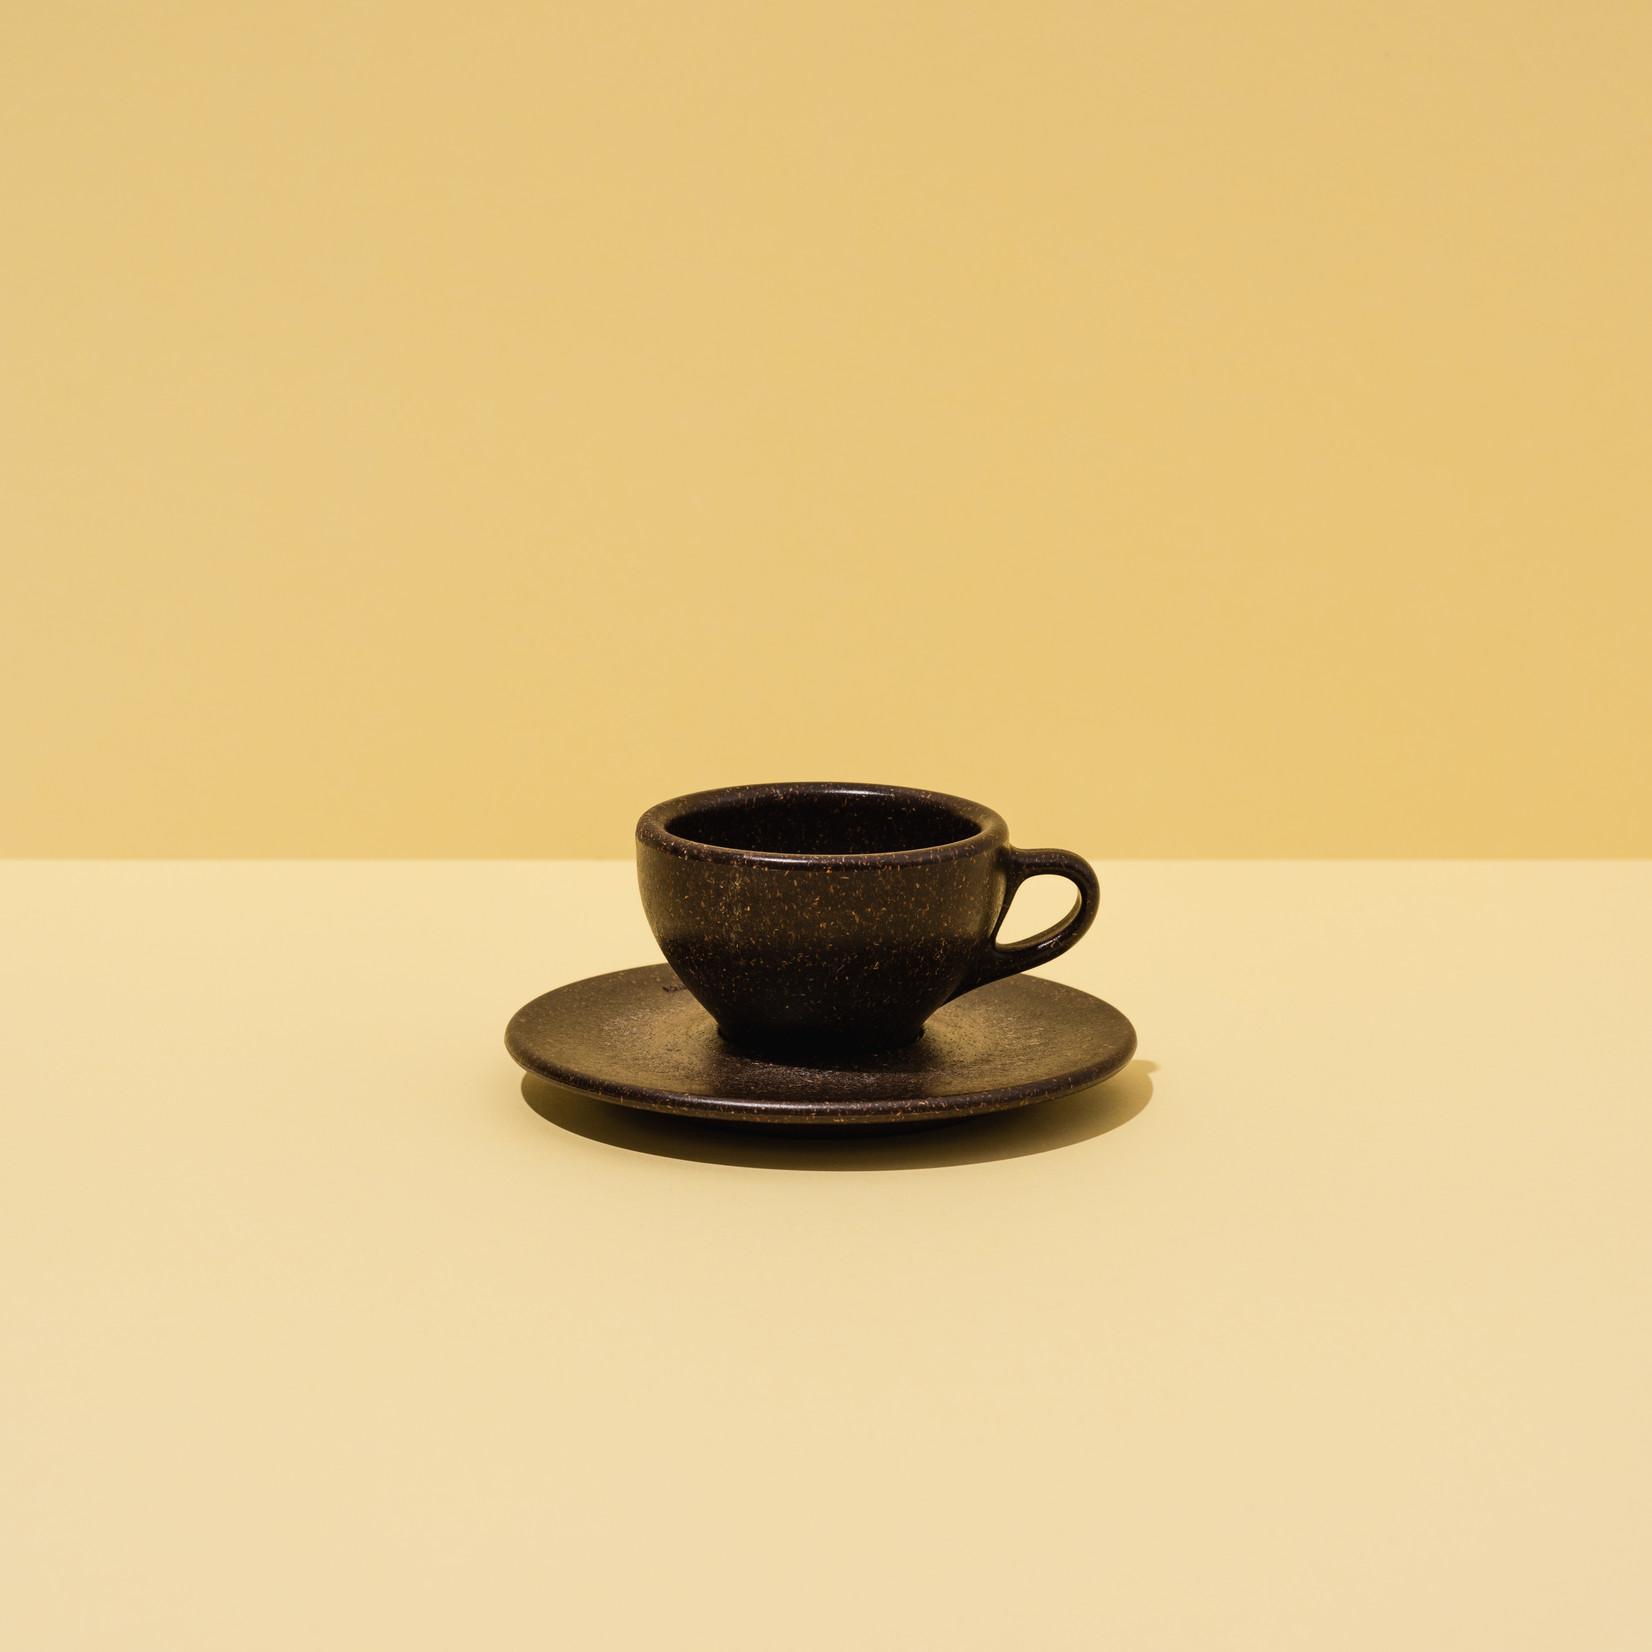 Kaffee form Espresso Cup, 60ml